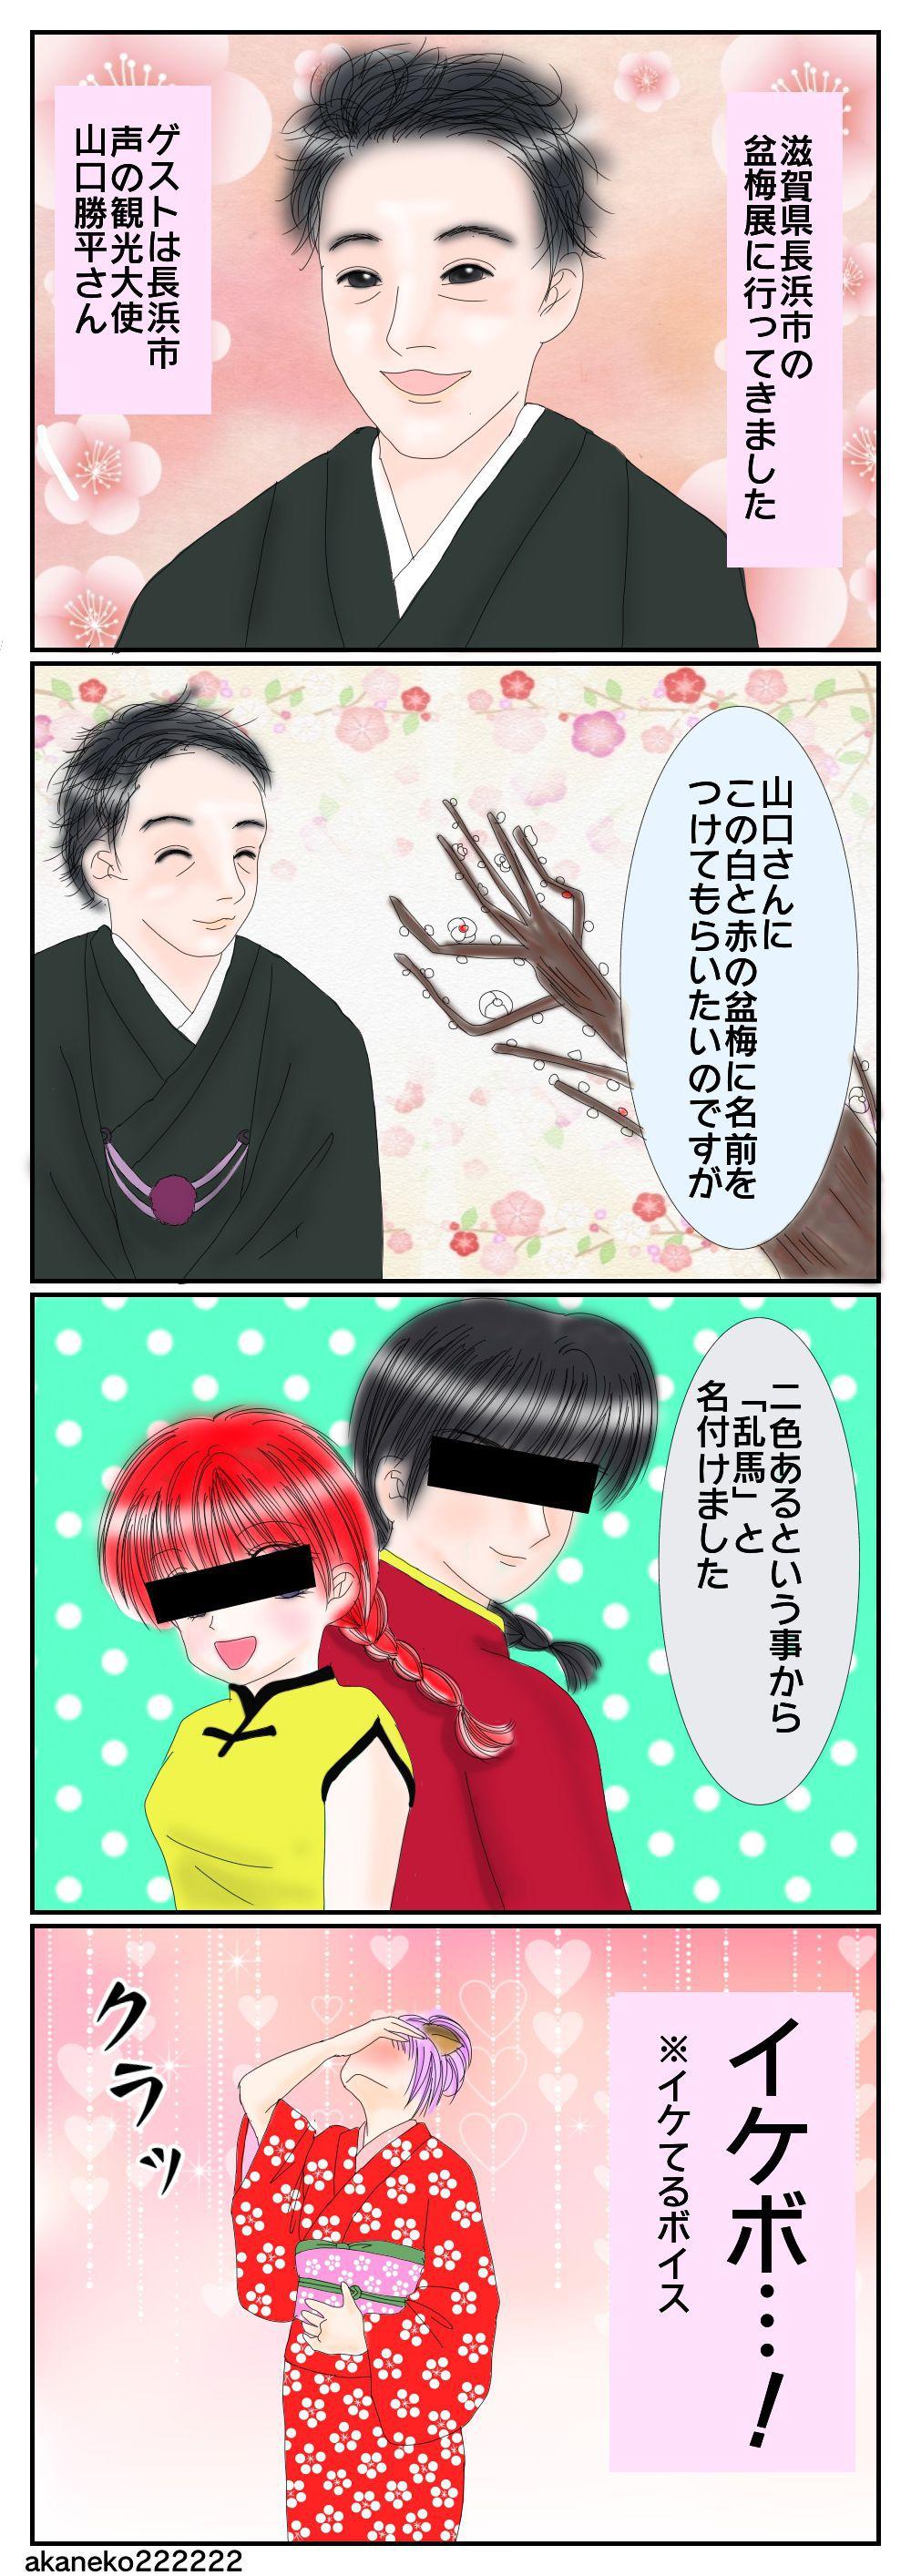 長浜盆梅展のゲストの山口勝平さんの四コマ漫画